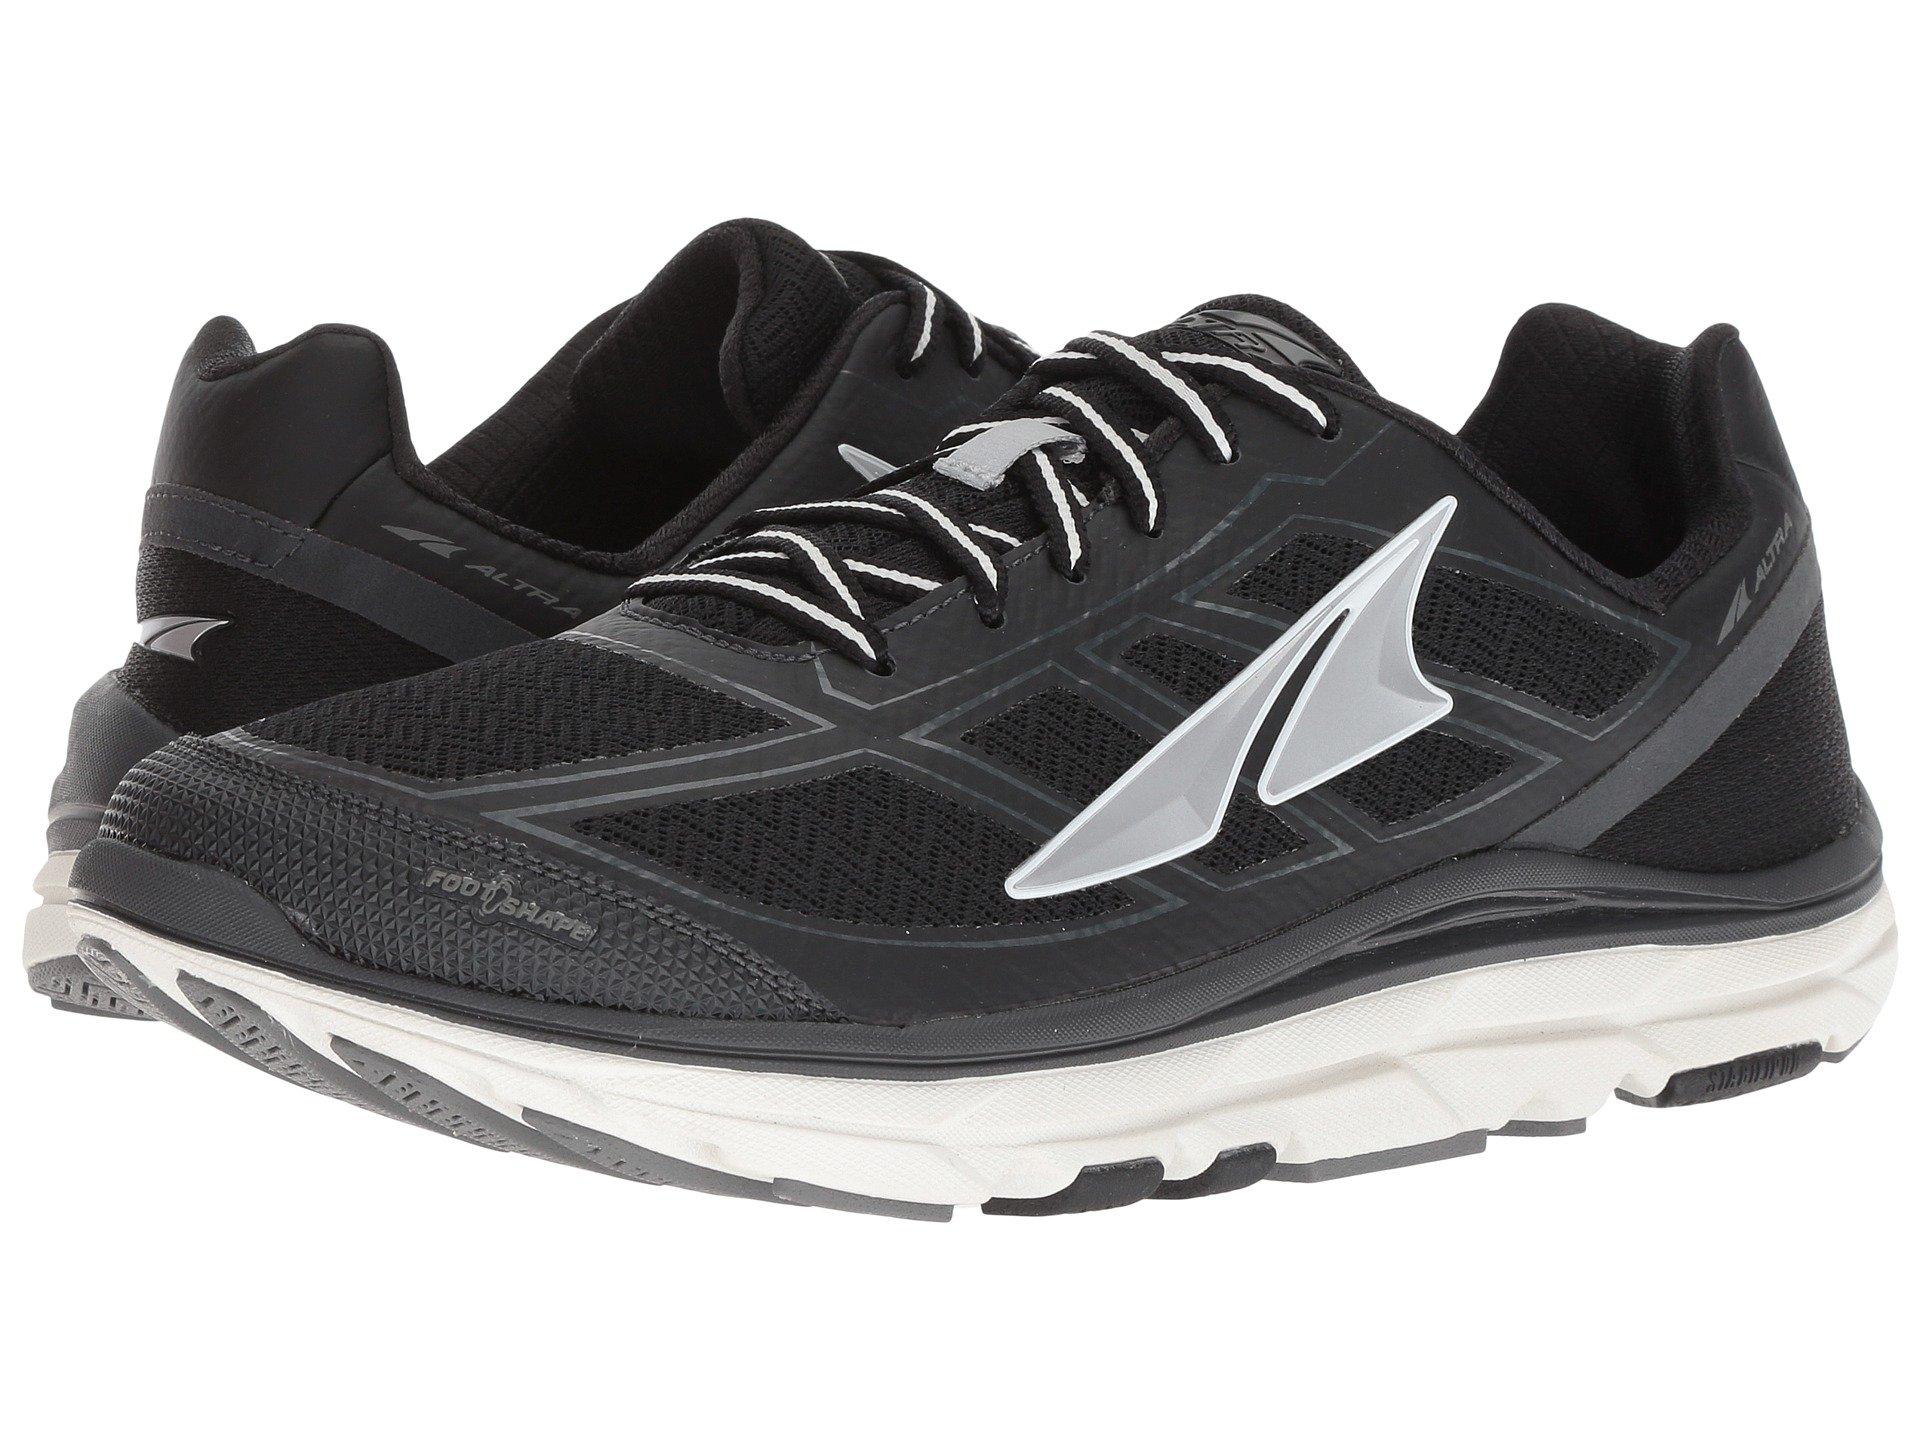 Altra 3 Black Provision 5 Footwear 00gwxZ1r